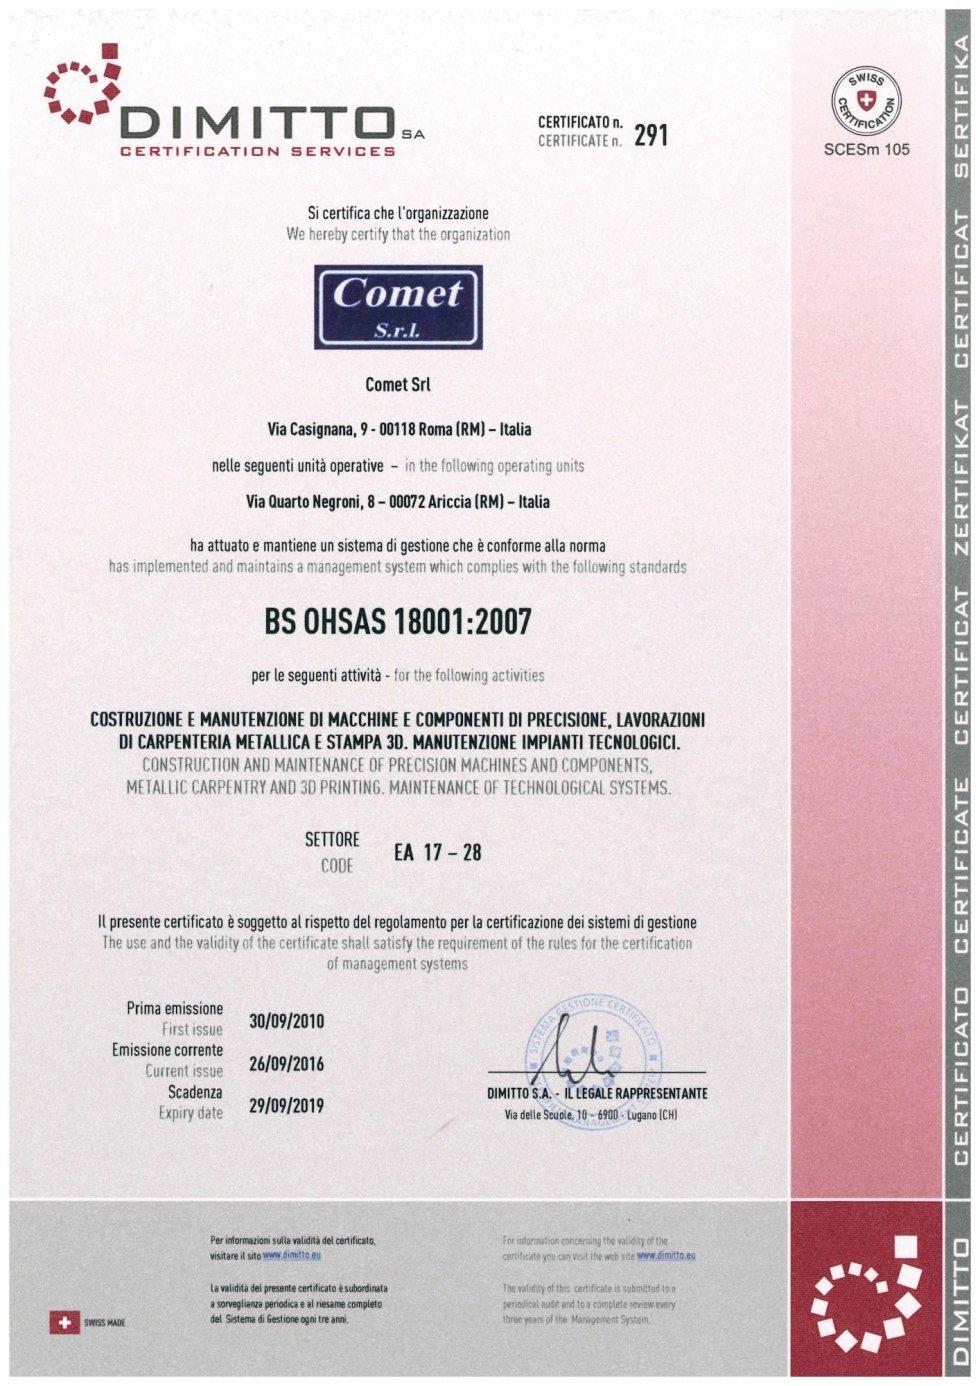 certificazione BS OHSAS